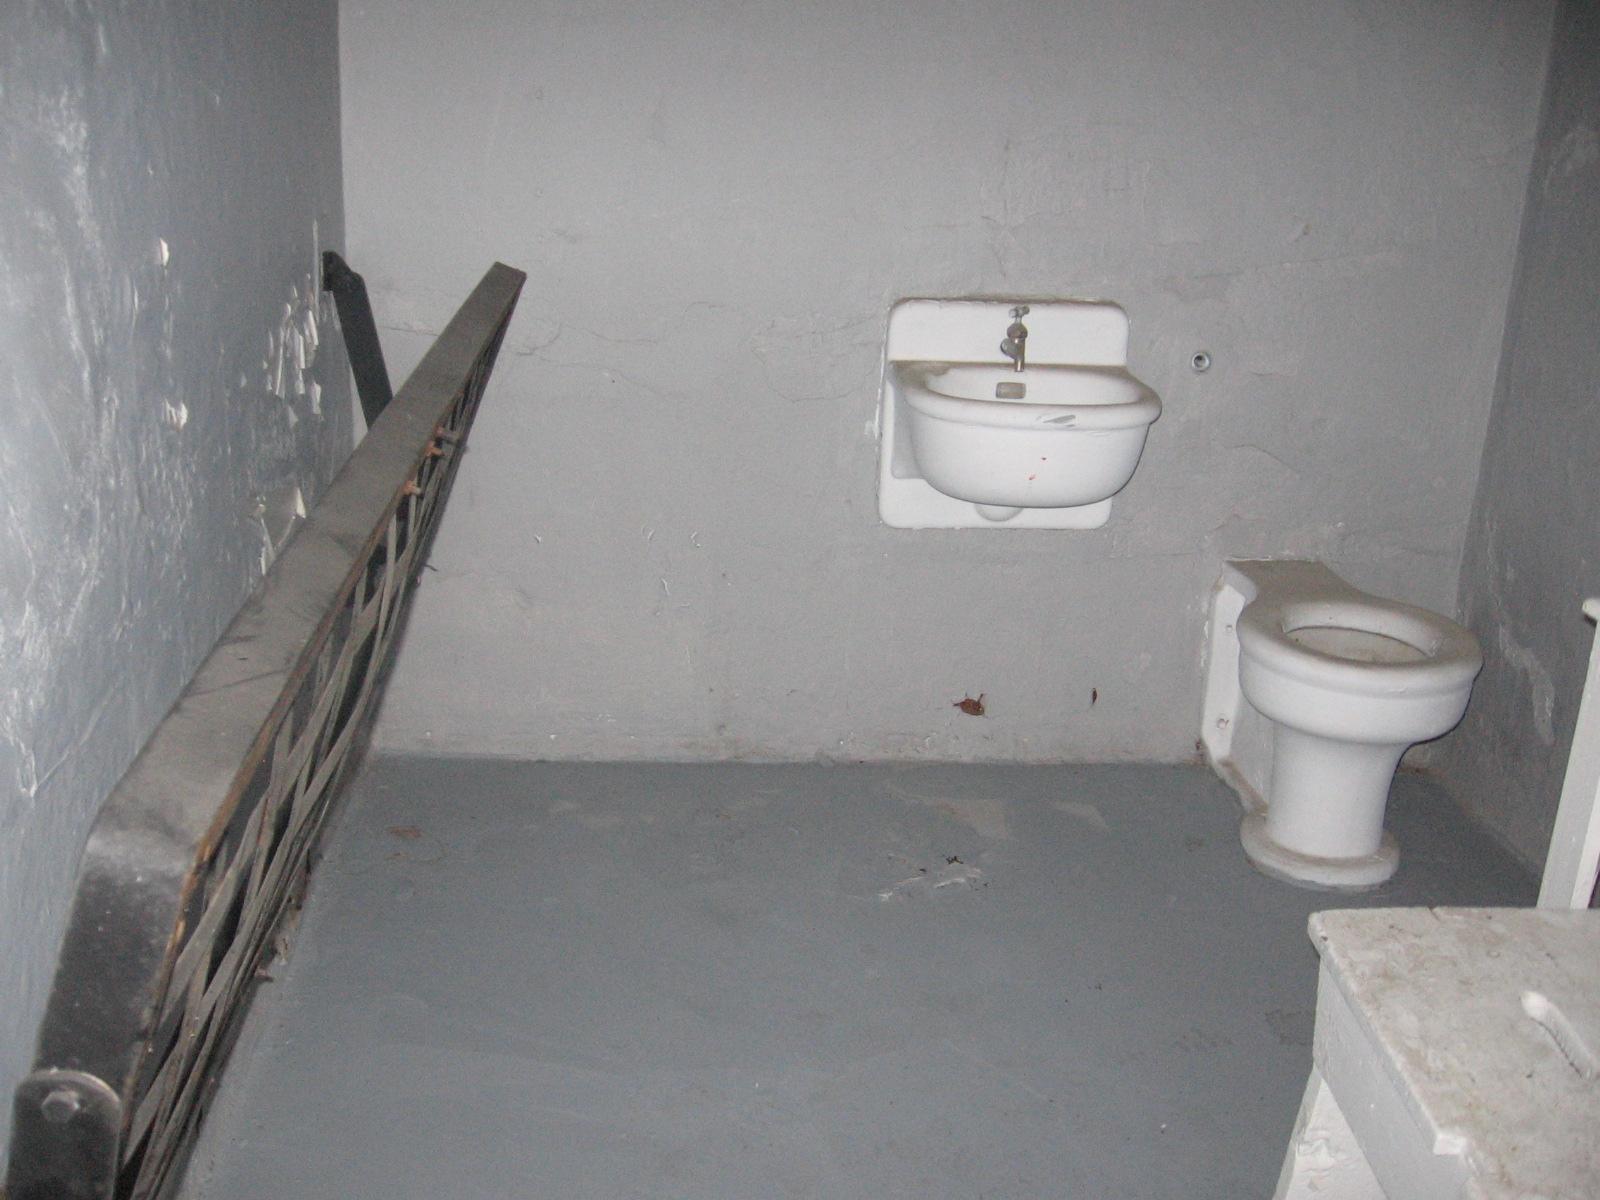 Cella (prigione) - Wikipedia